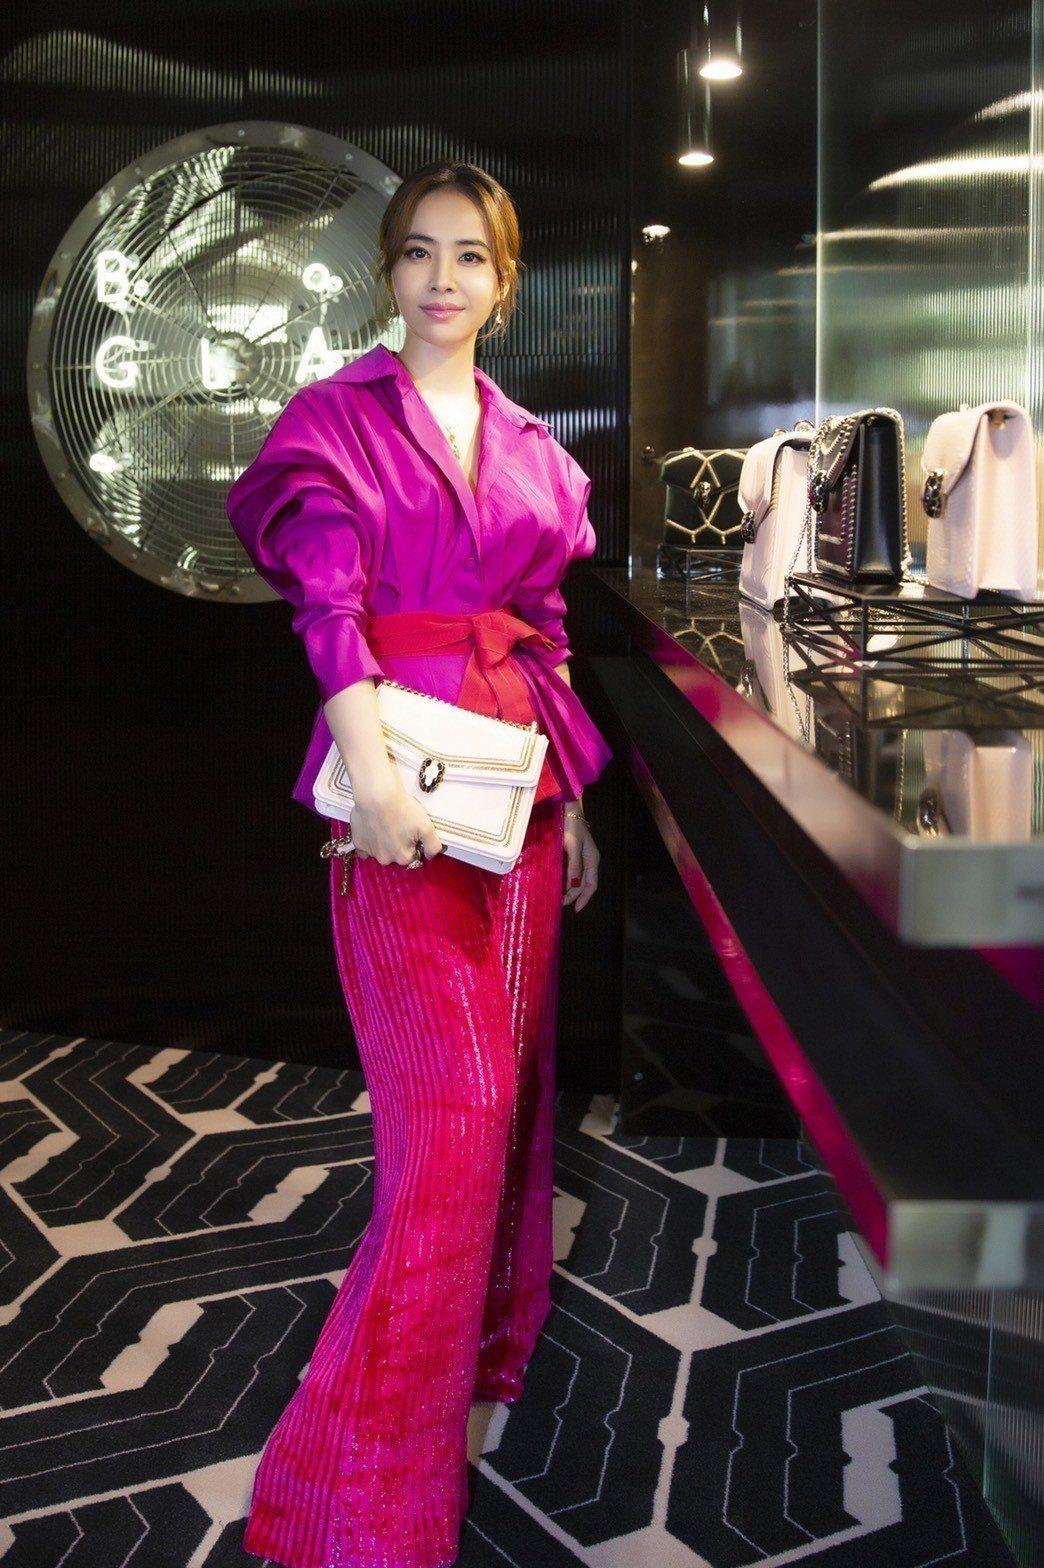 寶格麗大中華區代言人蔡依林於米蘭出席寶格麗春夏配件預覽°圖/寶格麗提供